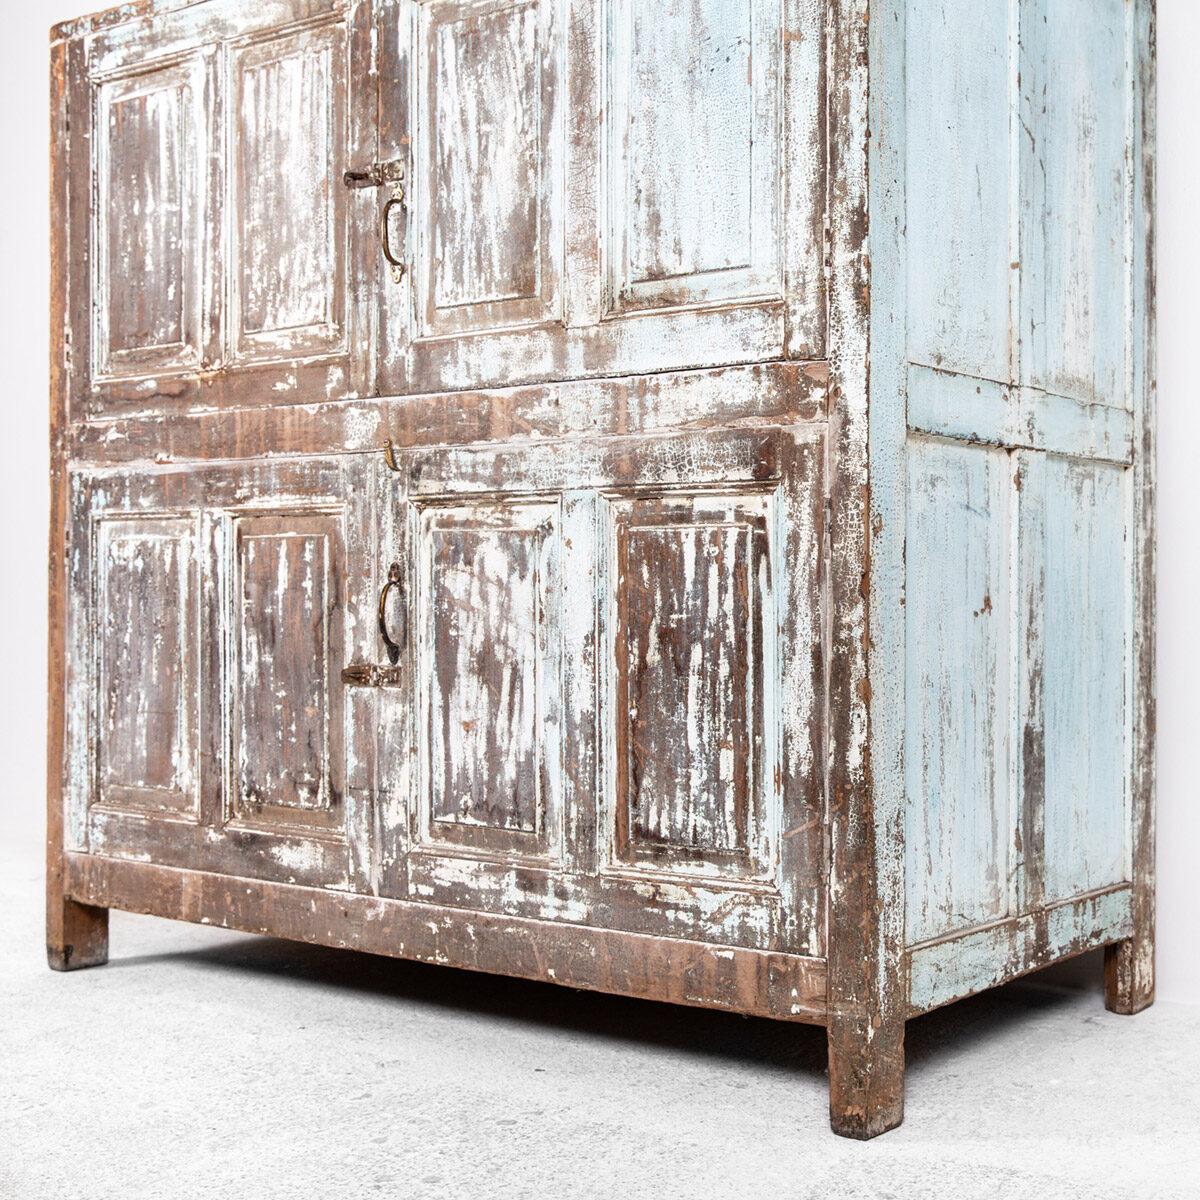 Diepe-houten-kast-4-deuren-lichtblauwbruin-10